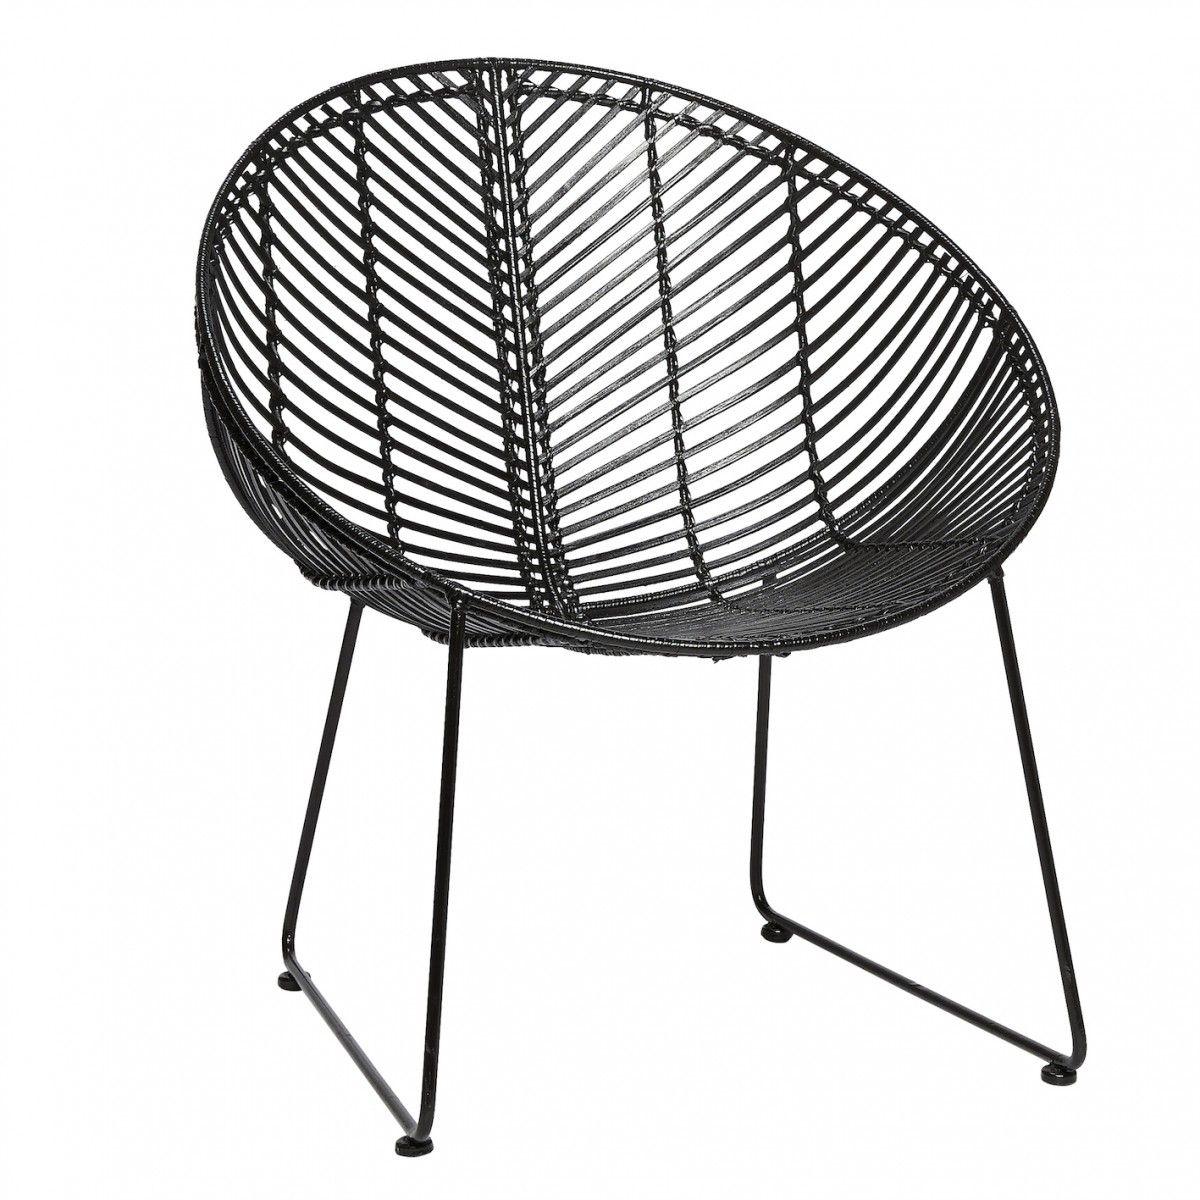 chaise rotin noir ronde hbsch - Chaise Rotin Noir